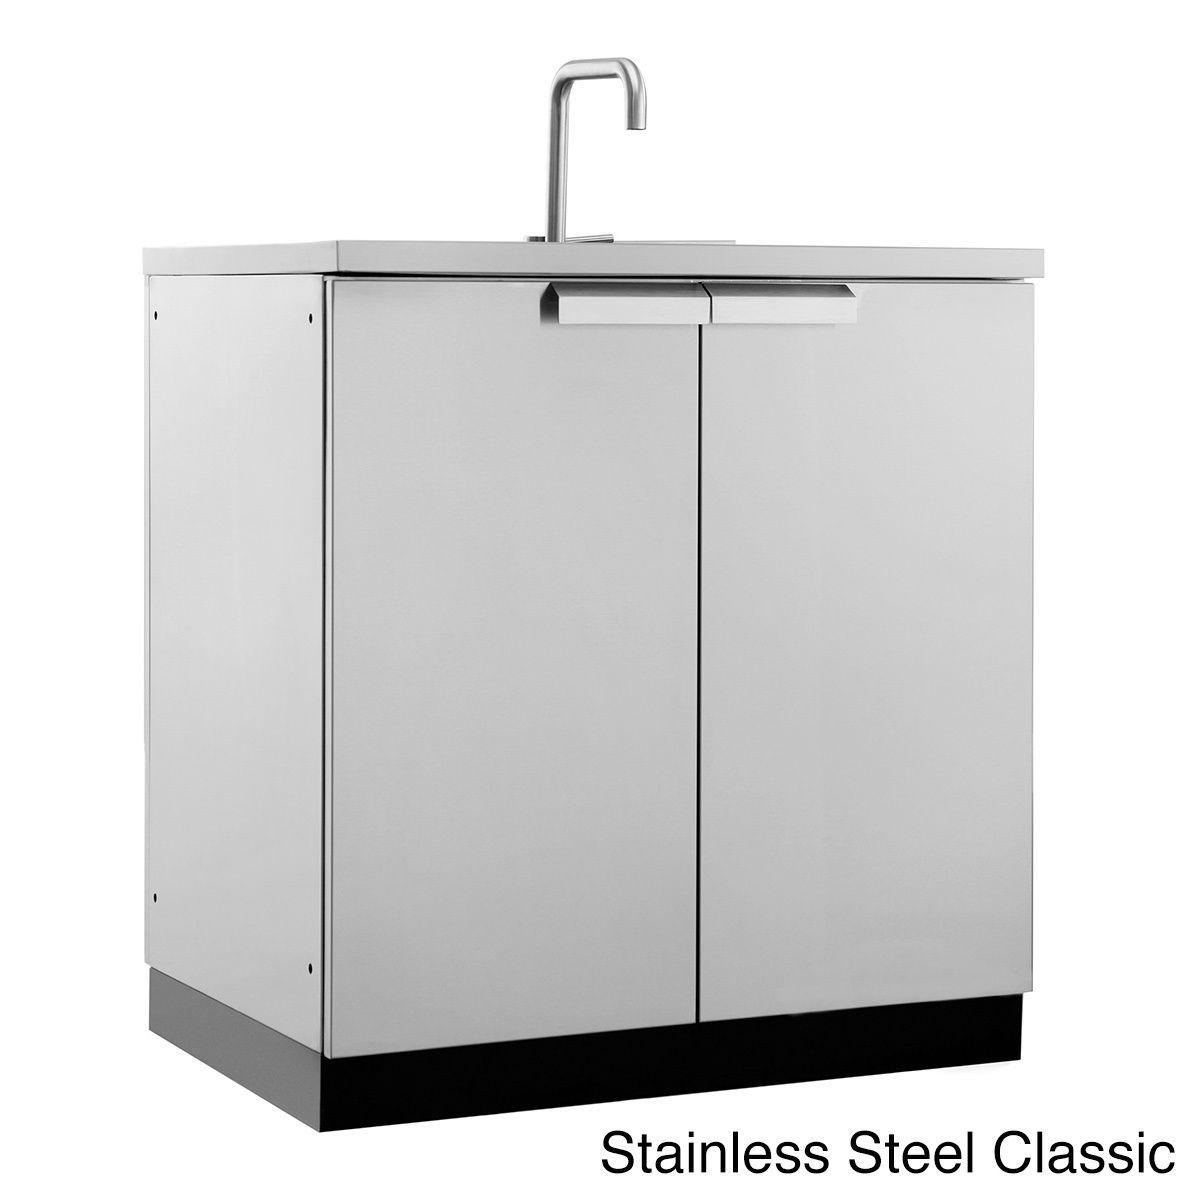 25+ Outdoor kitchen sink drain ideas in 2021